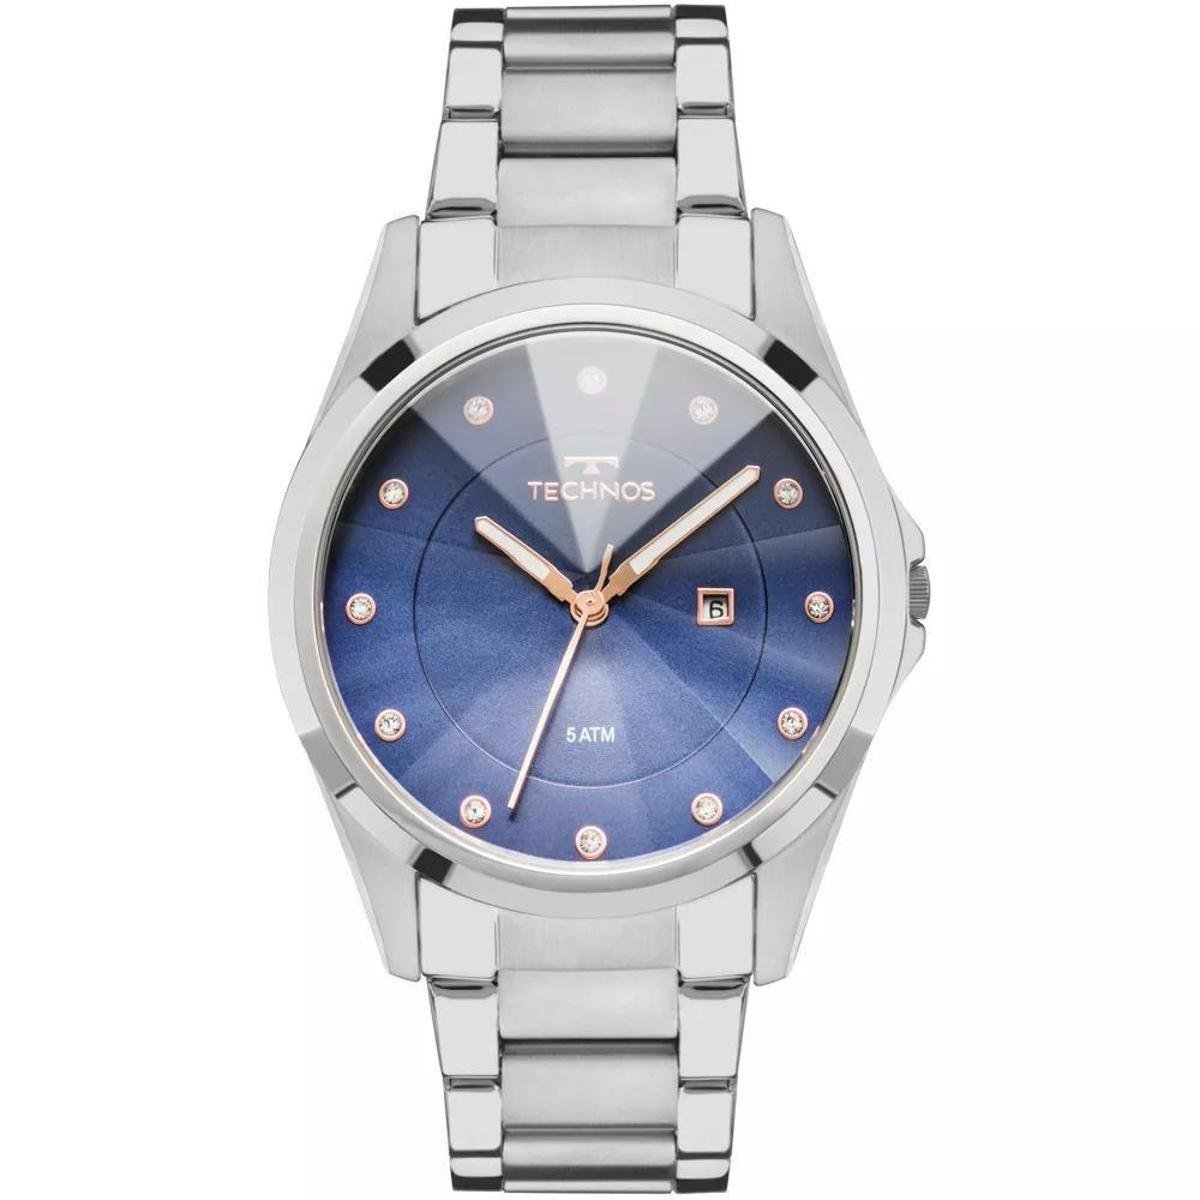 dd3489474df Relógio Feminino Technos GN10AT 1A Aço - Prata - Compre Agora